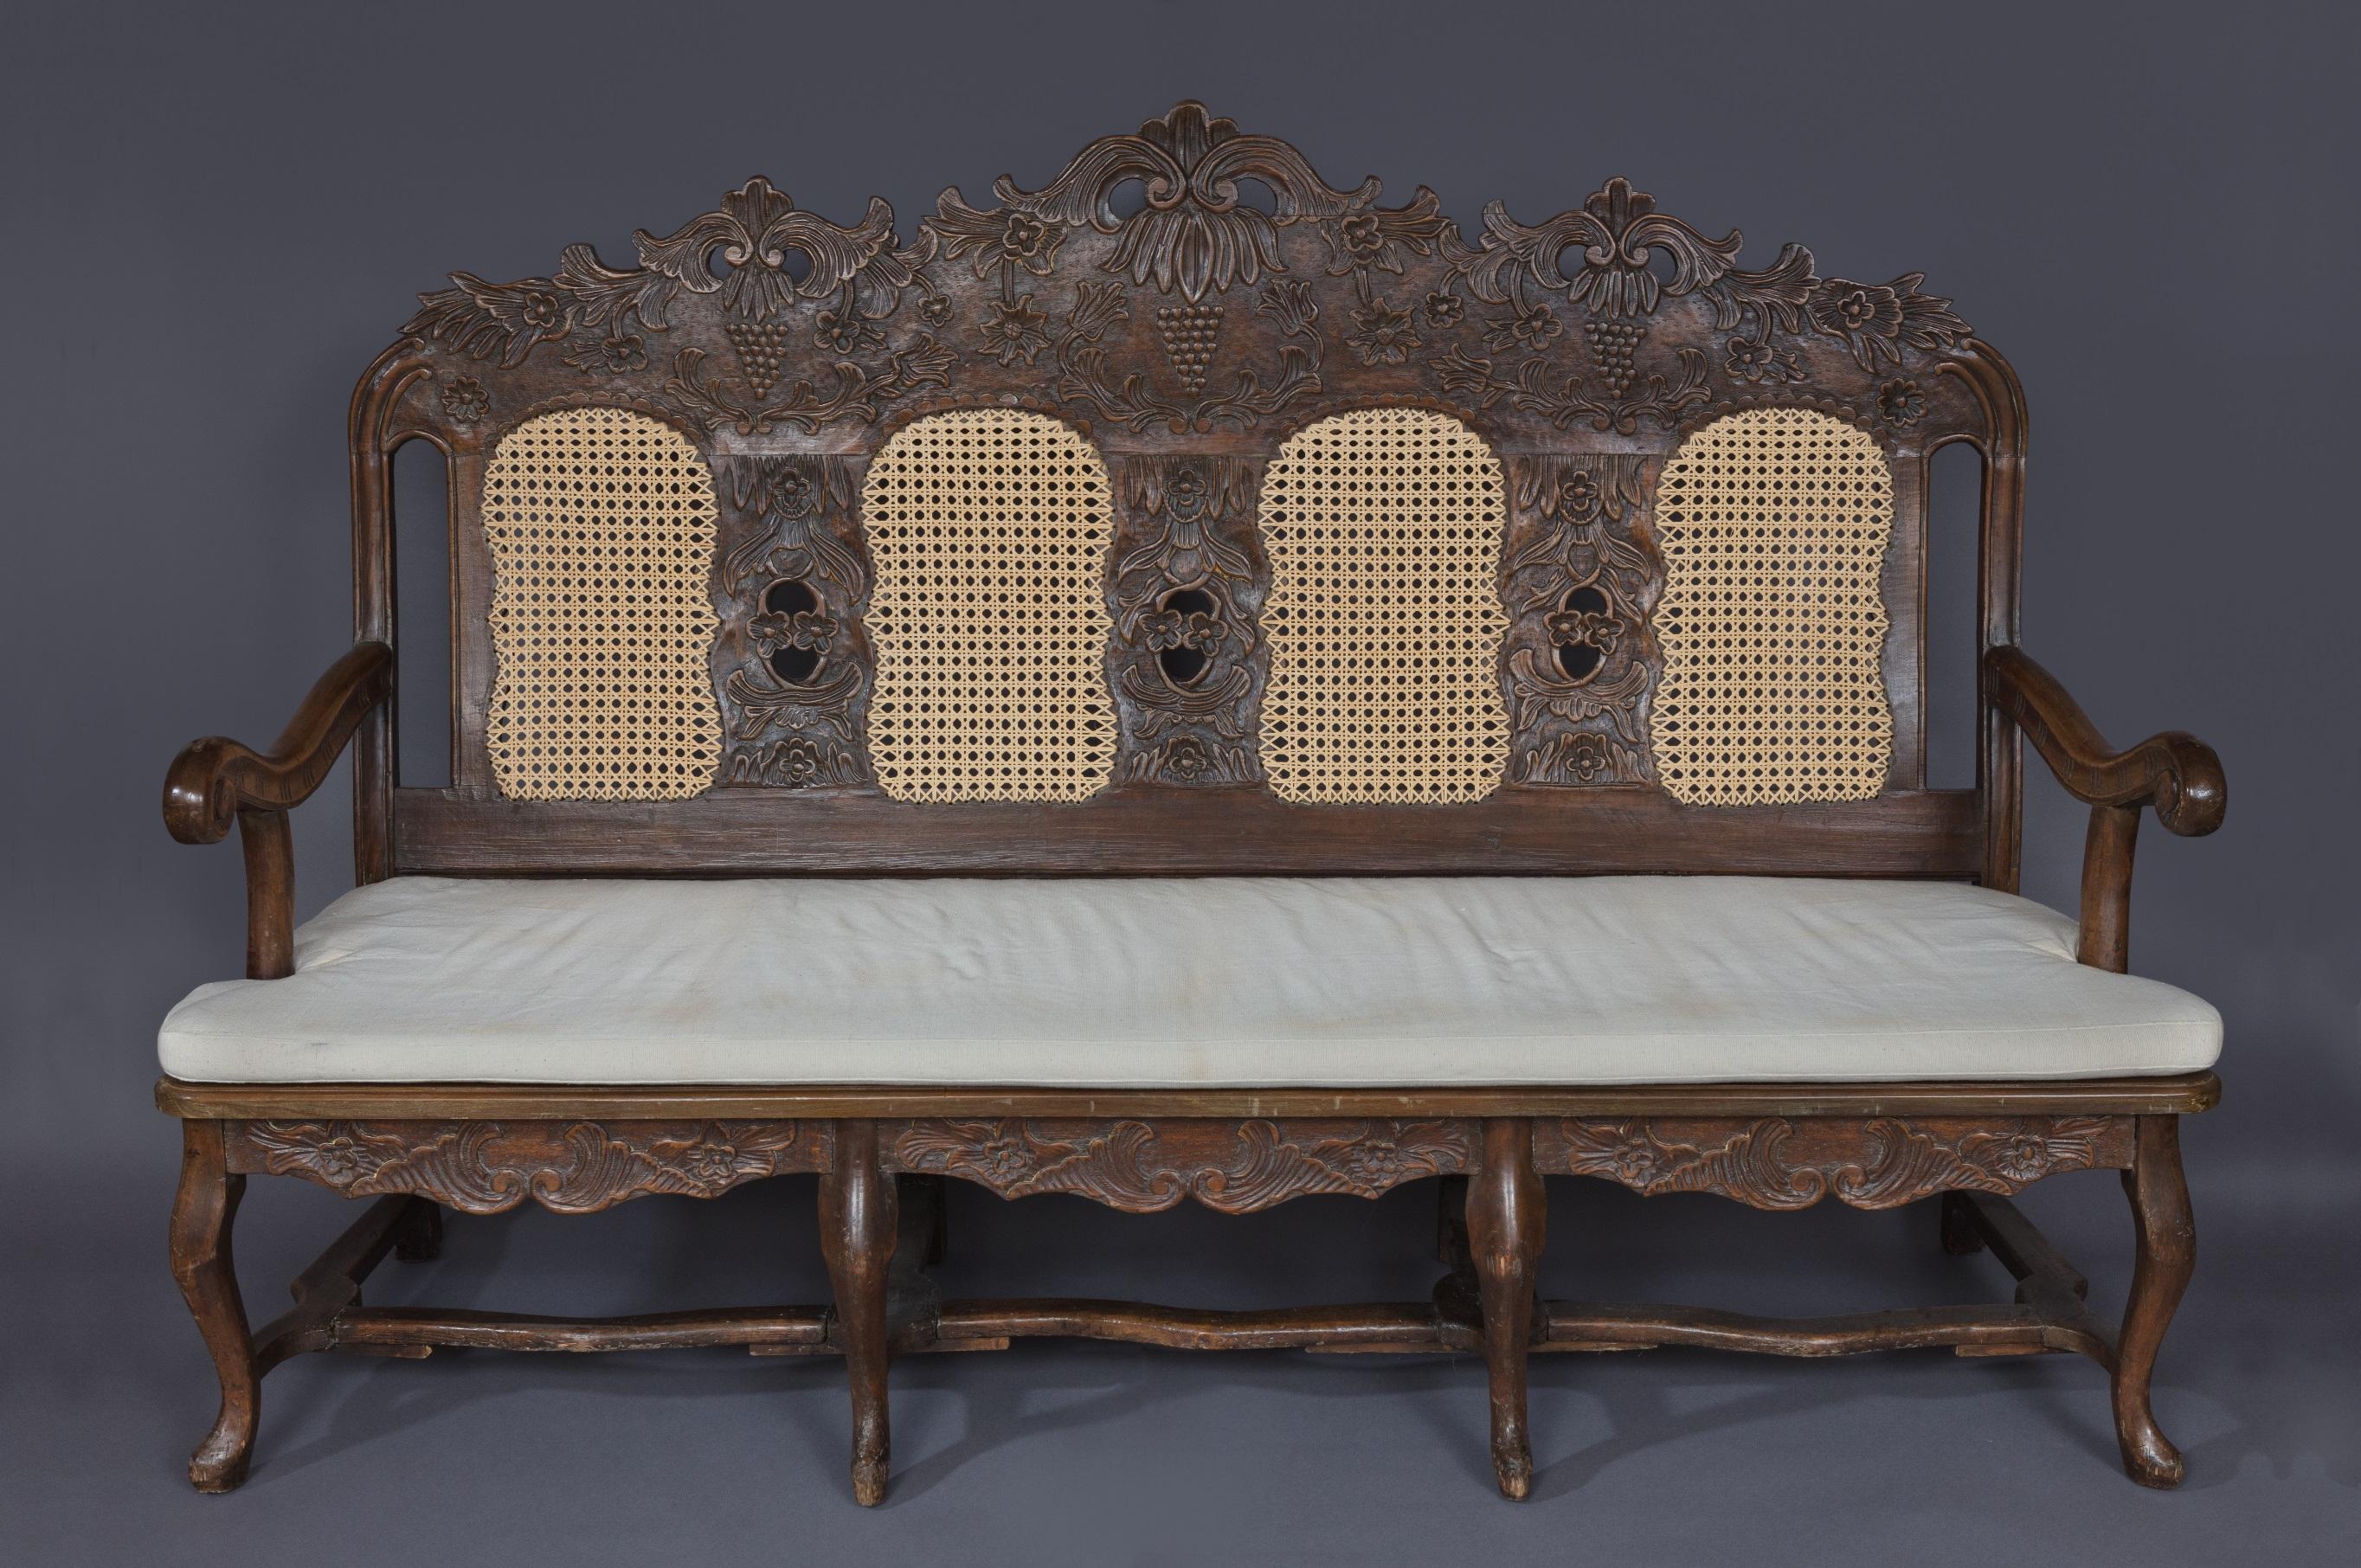 Sofa aus der Sammlung Schloss Tutzing